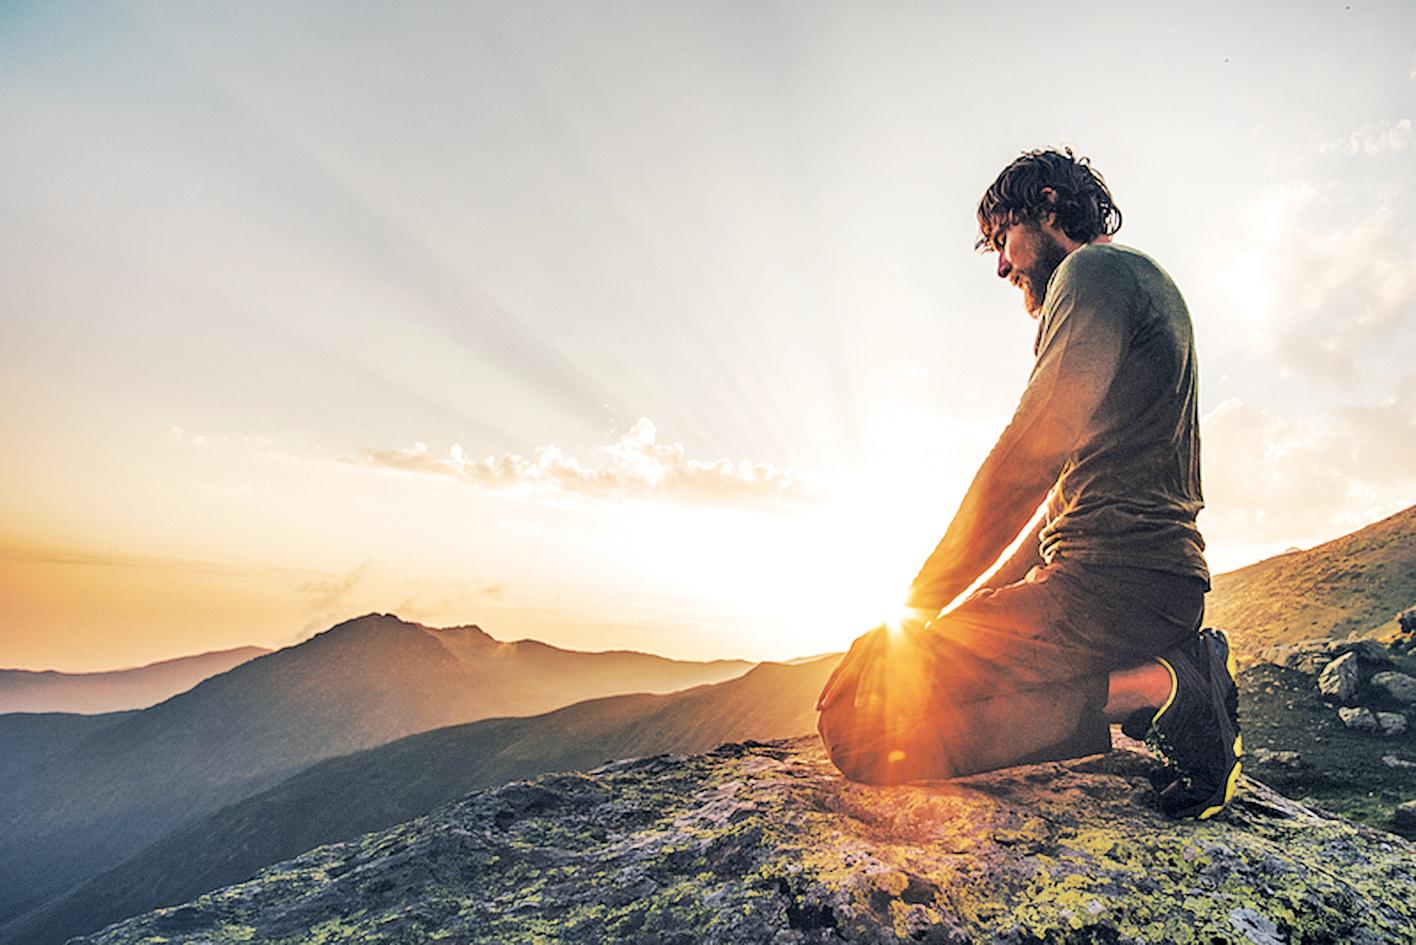 真心懺悔,神就會聽見,因為他在等待人的悔改。(fotolia)